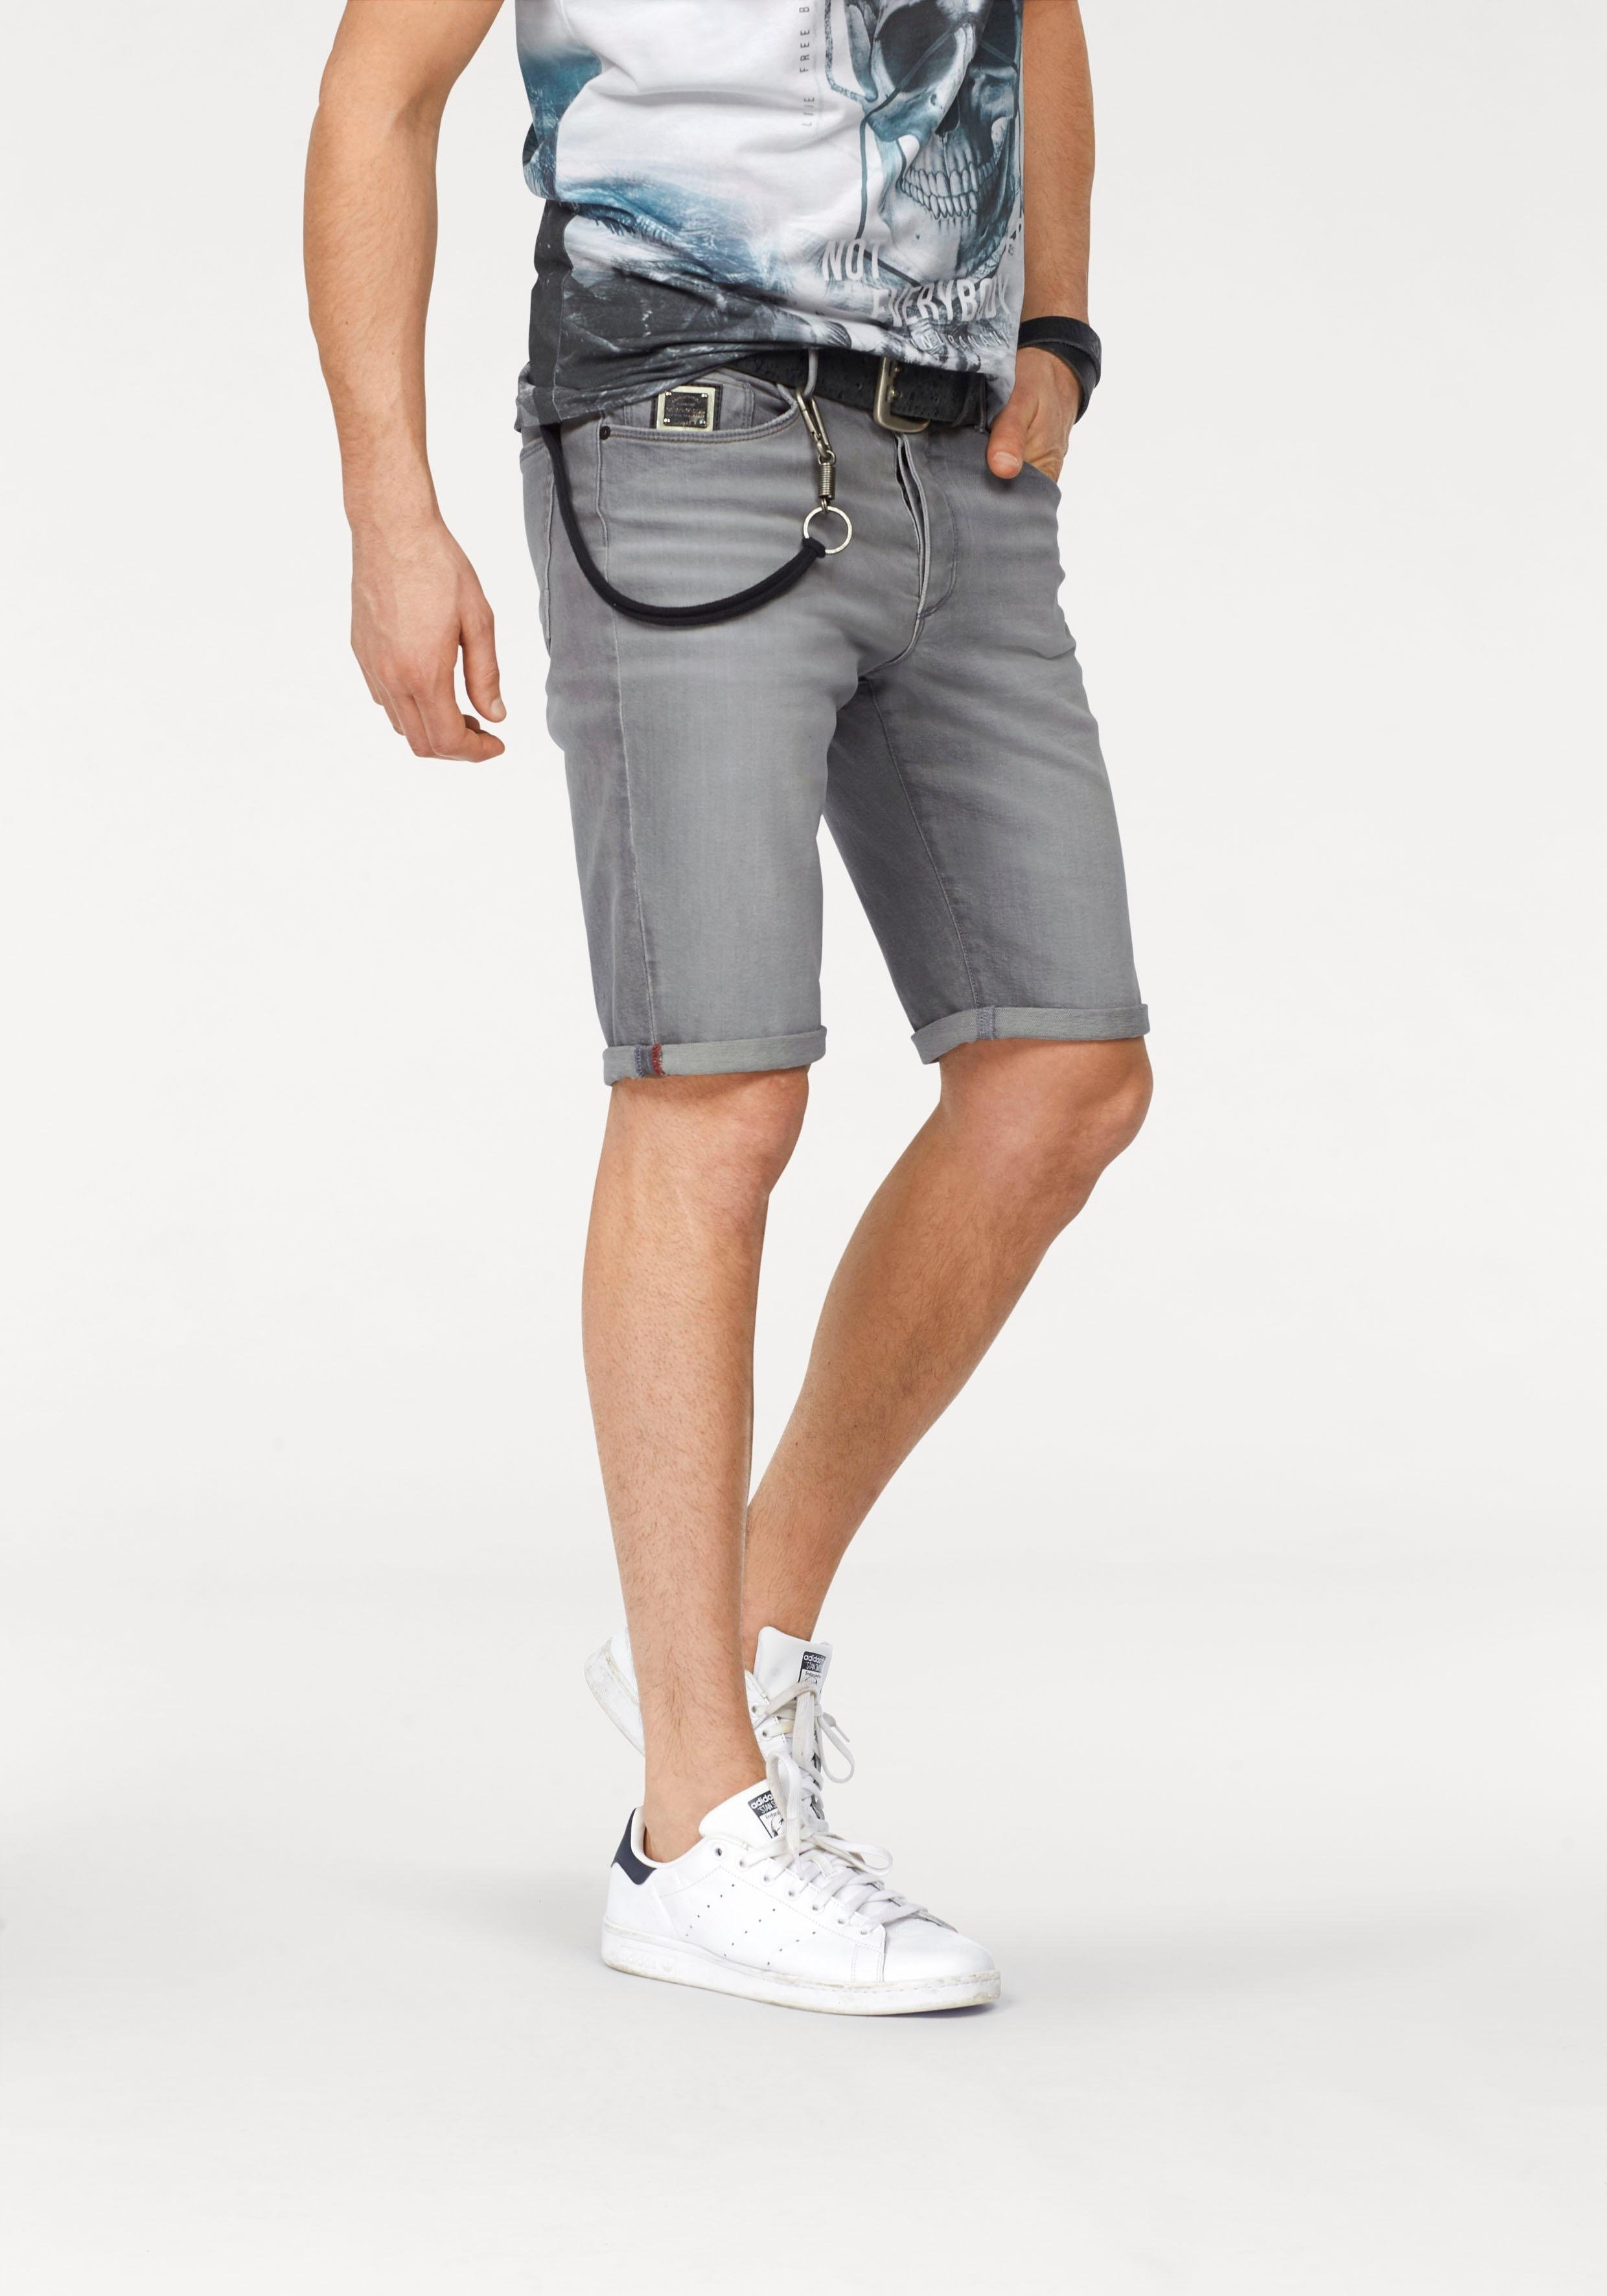 Fonkelnieuw Korte broek heren kopen? Meer dan 660 heren shorts | OTTO LL-12